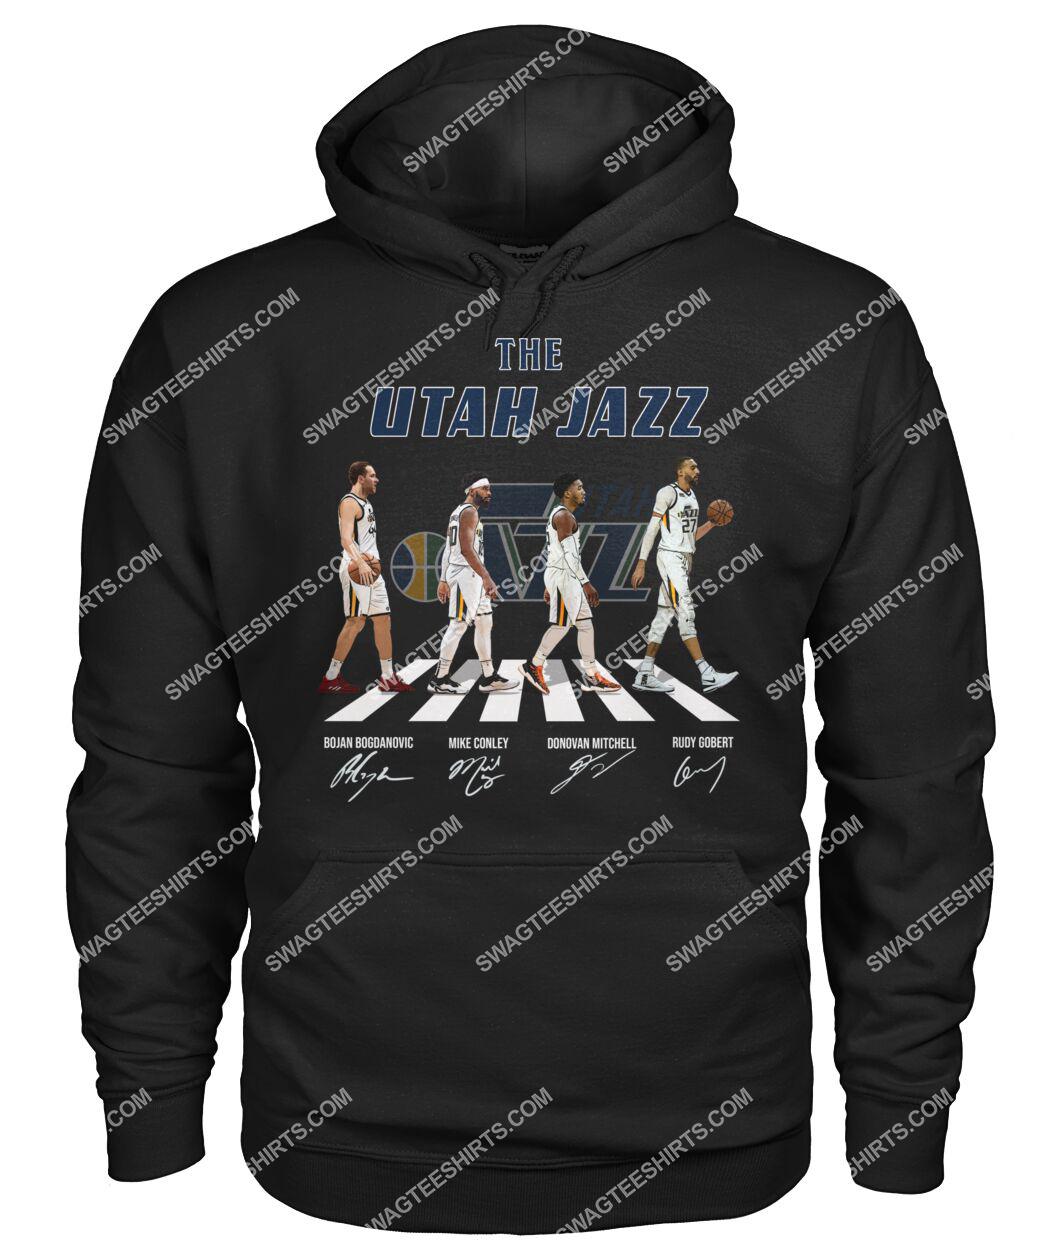 nba utah jazz signatures abbey road hoodie 1